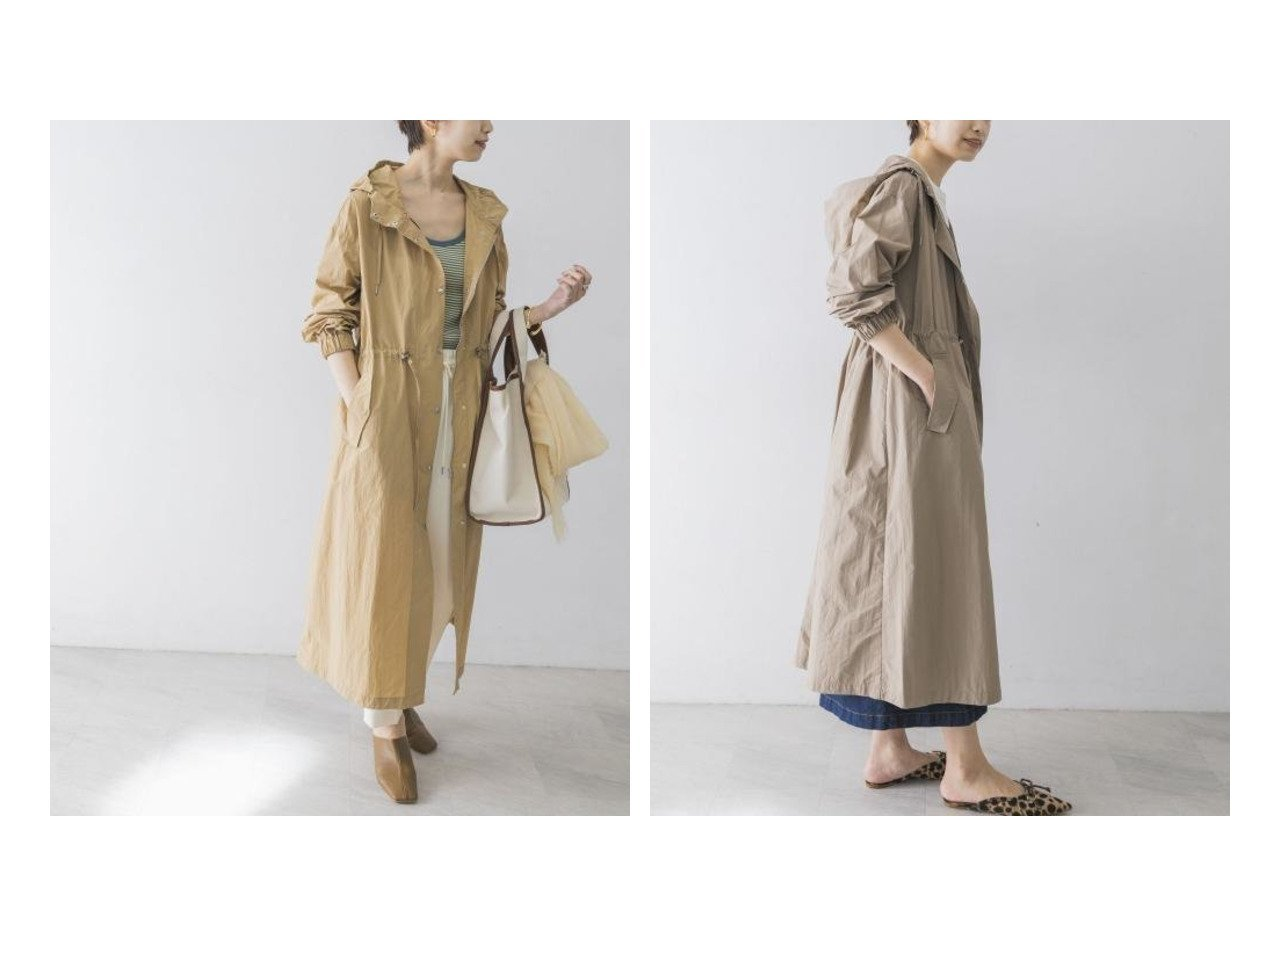 【URBAN RESEARCH/アーバンリサーチ】の【WEB限定】ドロストマウンテンパーカー 【アウター】おすすめ!人気、トレンド・レディースファッションの通販 おすすめで人気の流行・トレンド、ファッションの通販商品 メンズファッション・キッズファッション・インテリア・家具・レディースファッション・服の通販 founy(ファニー) https://founy.com/ ファッション Fashion レディースファッション WOMEN アウター Coat Outerwear トップス・カットソー Tops/Tshirt パーカ Sweats 春 Spring デニム パーカー プリント ポケット ロング ワイド 再入荷 Restock/Back in Stock/Re Arrival |ID:crp329100000028566